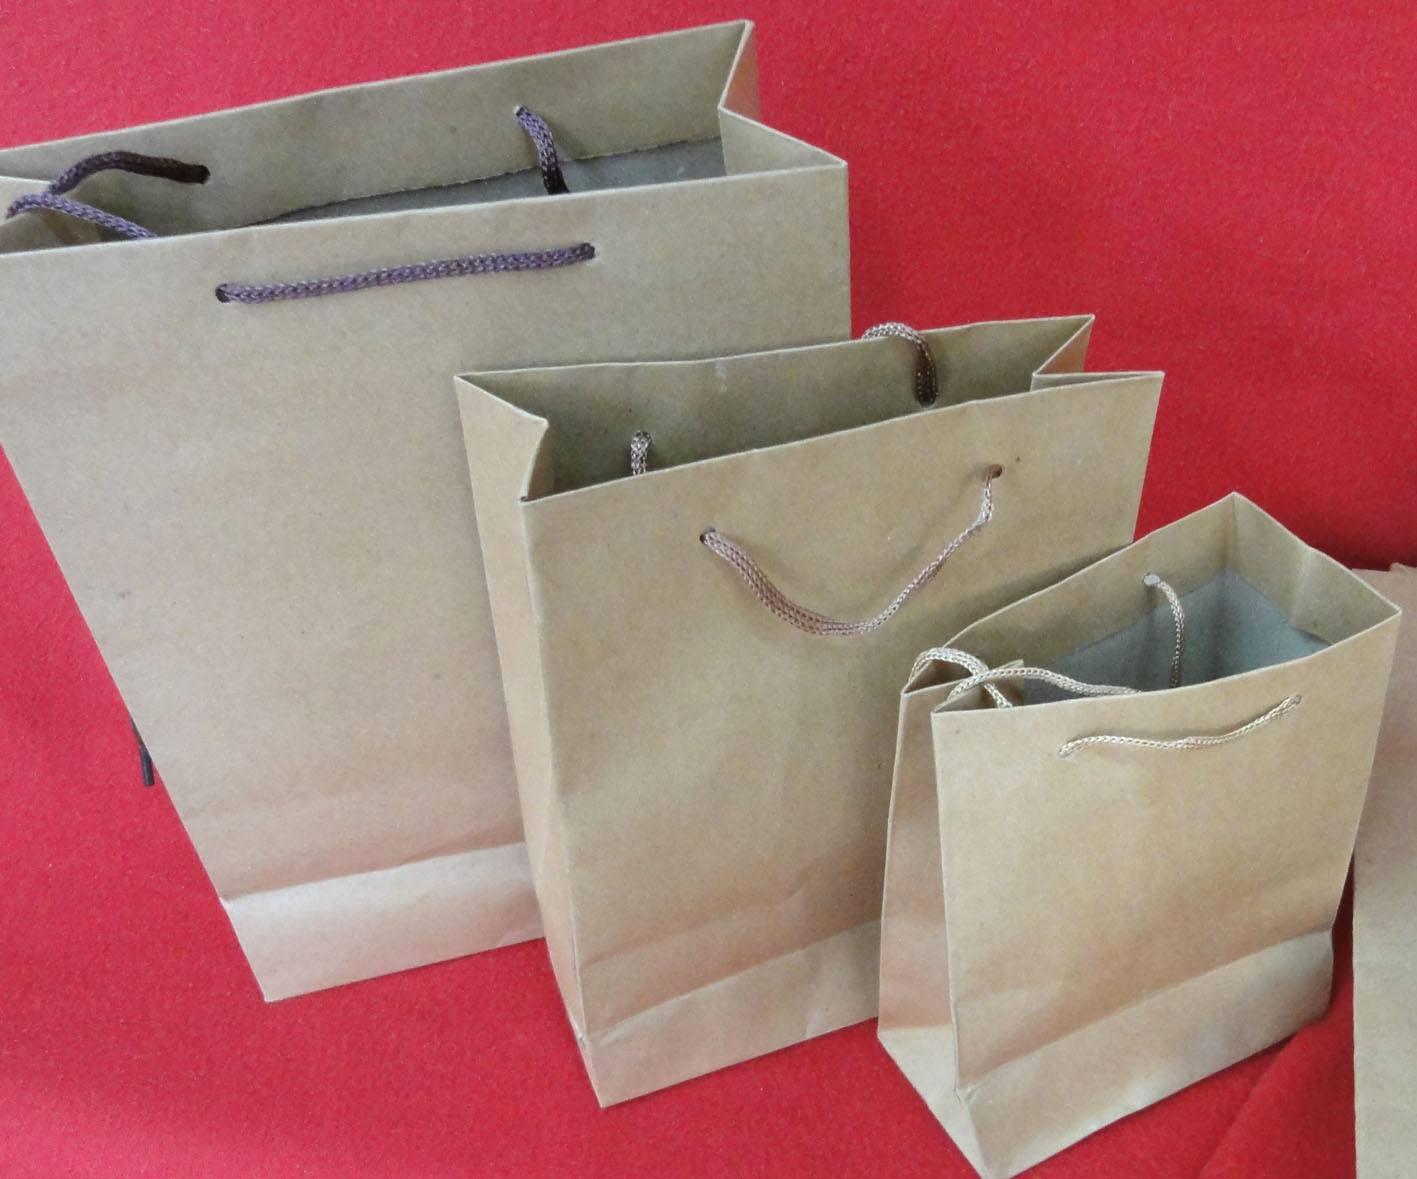 手工纸袋制作图解步骤 手工纸袋的制作方法步骤详解